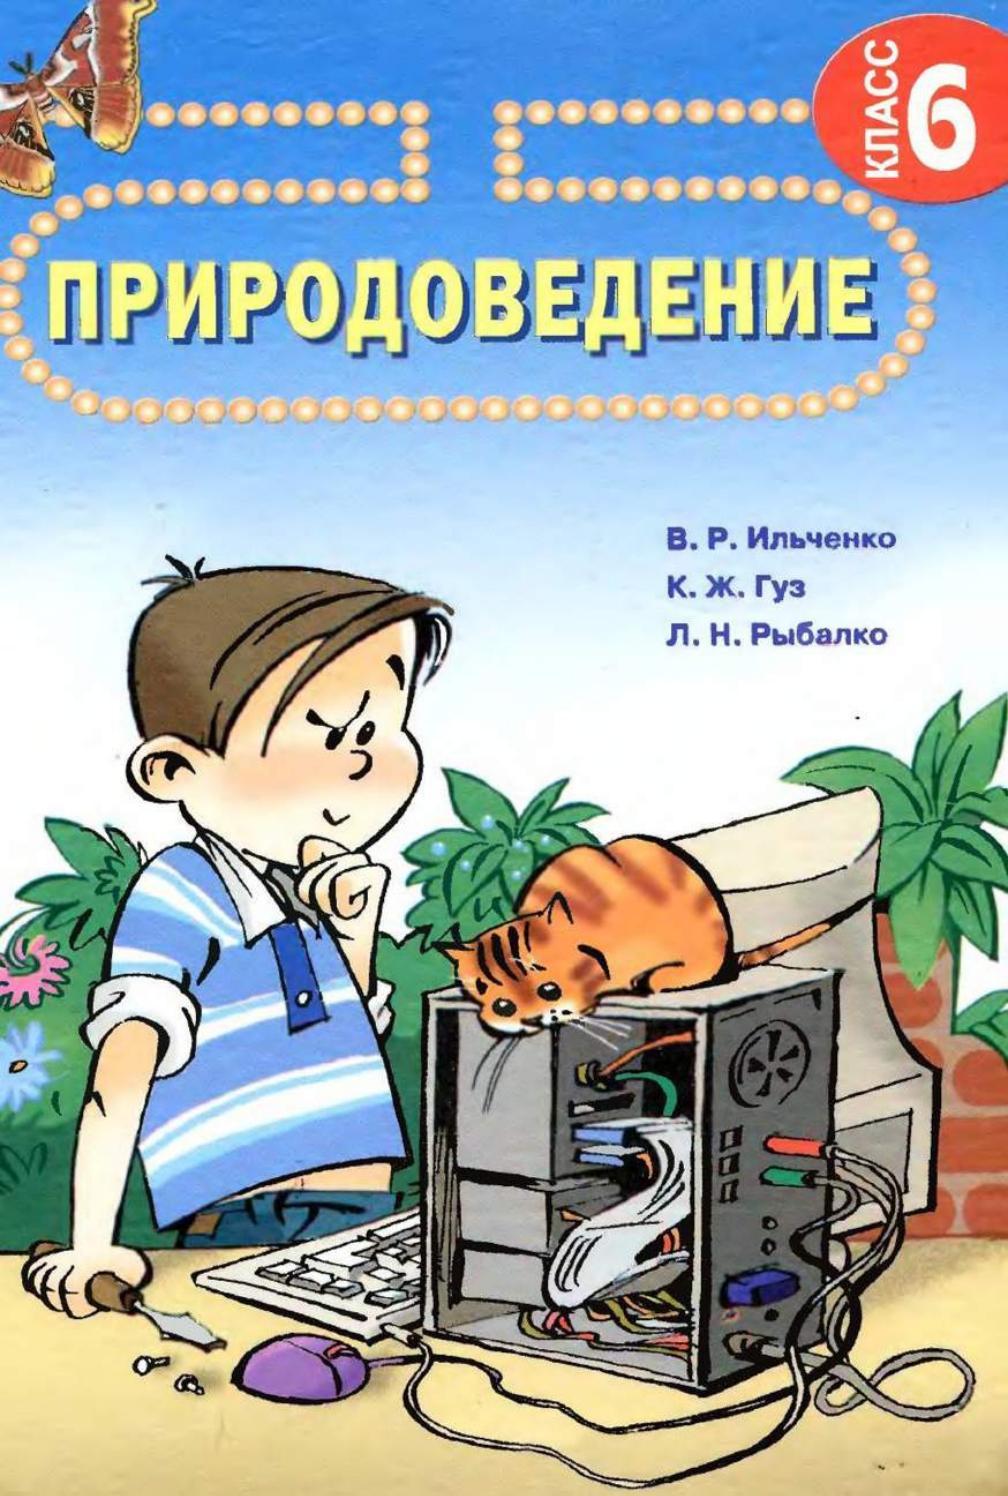 Природоведение 6 класс автор в.р.ильченко и